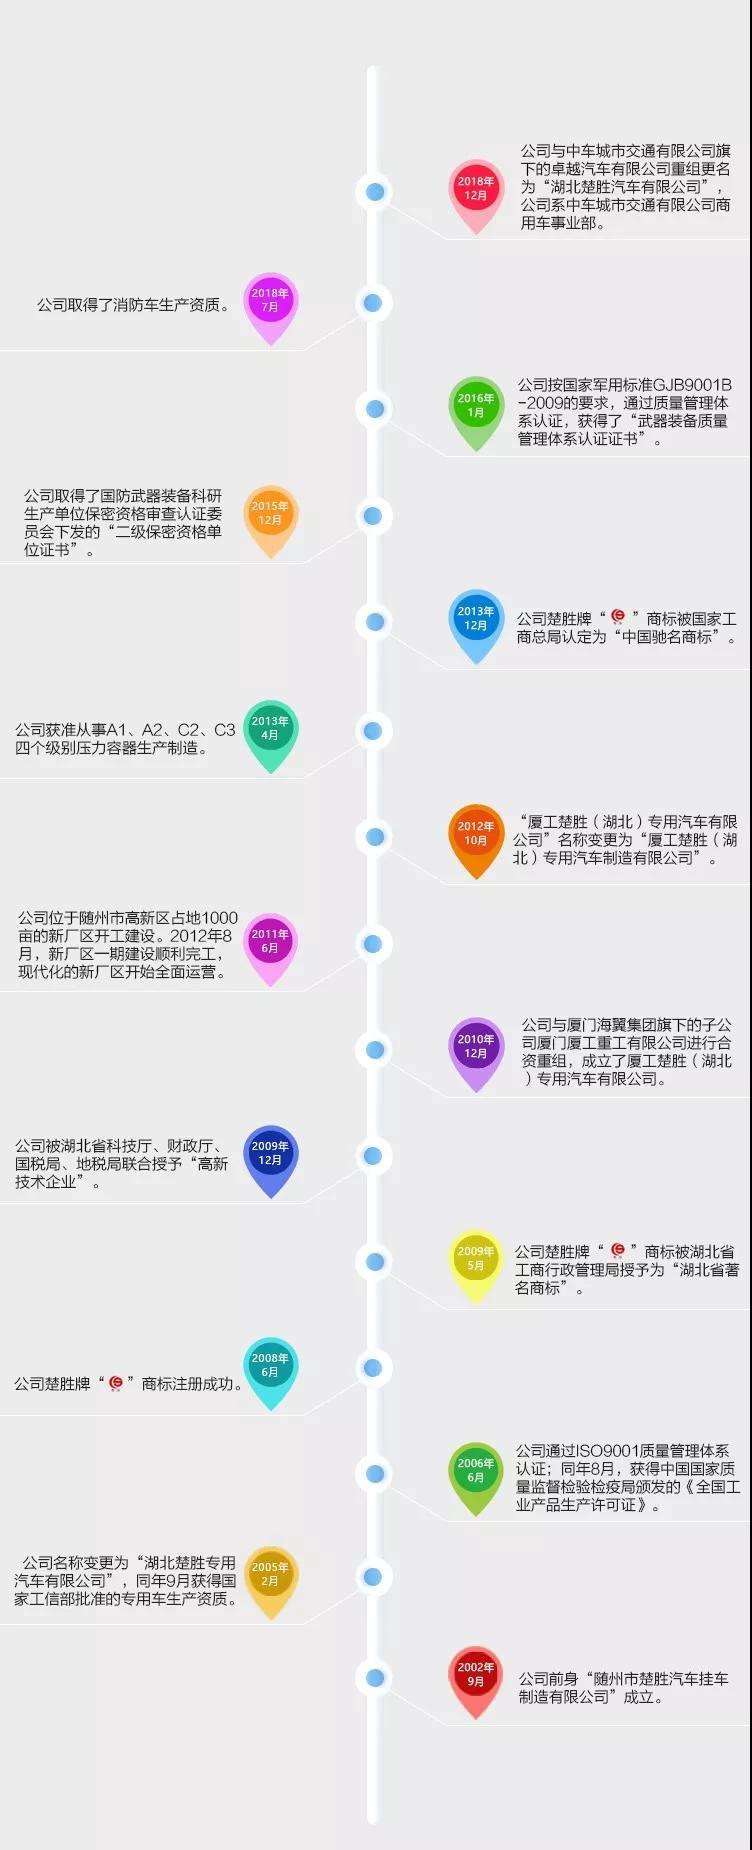 湖北long8手机pt客户端汽车有限公司大事记